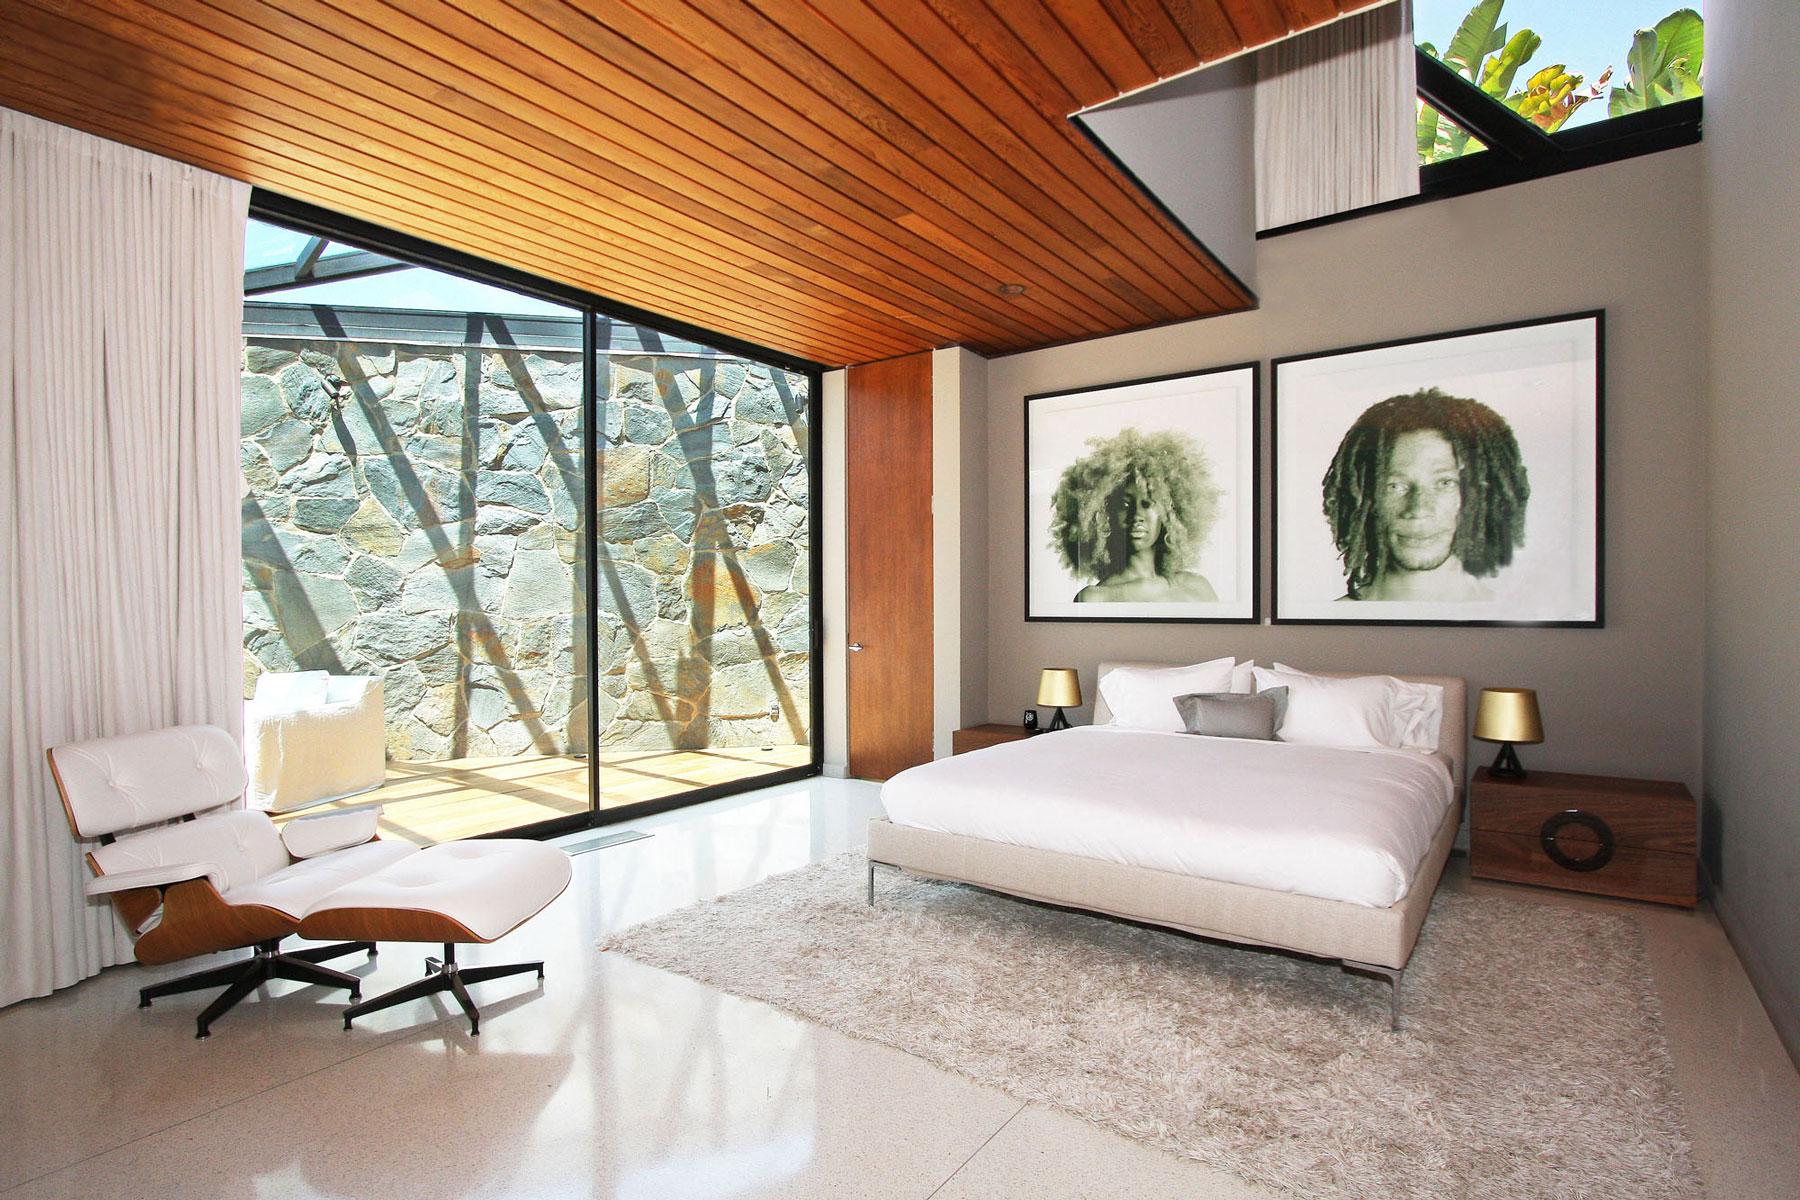 Bedroom, Sky Window, Patio Doors, Rug, Revamped Interior in Beverly Hills